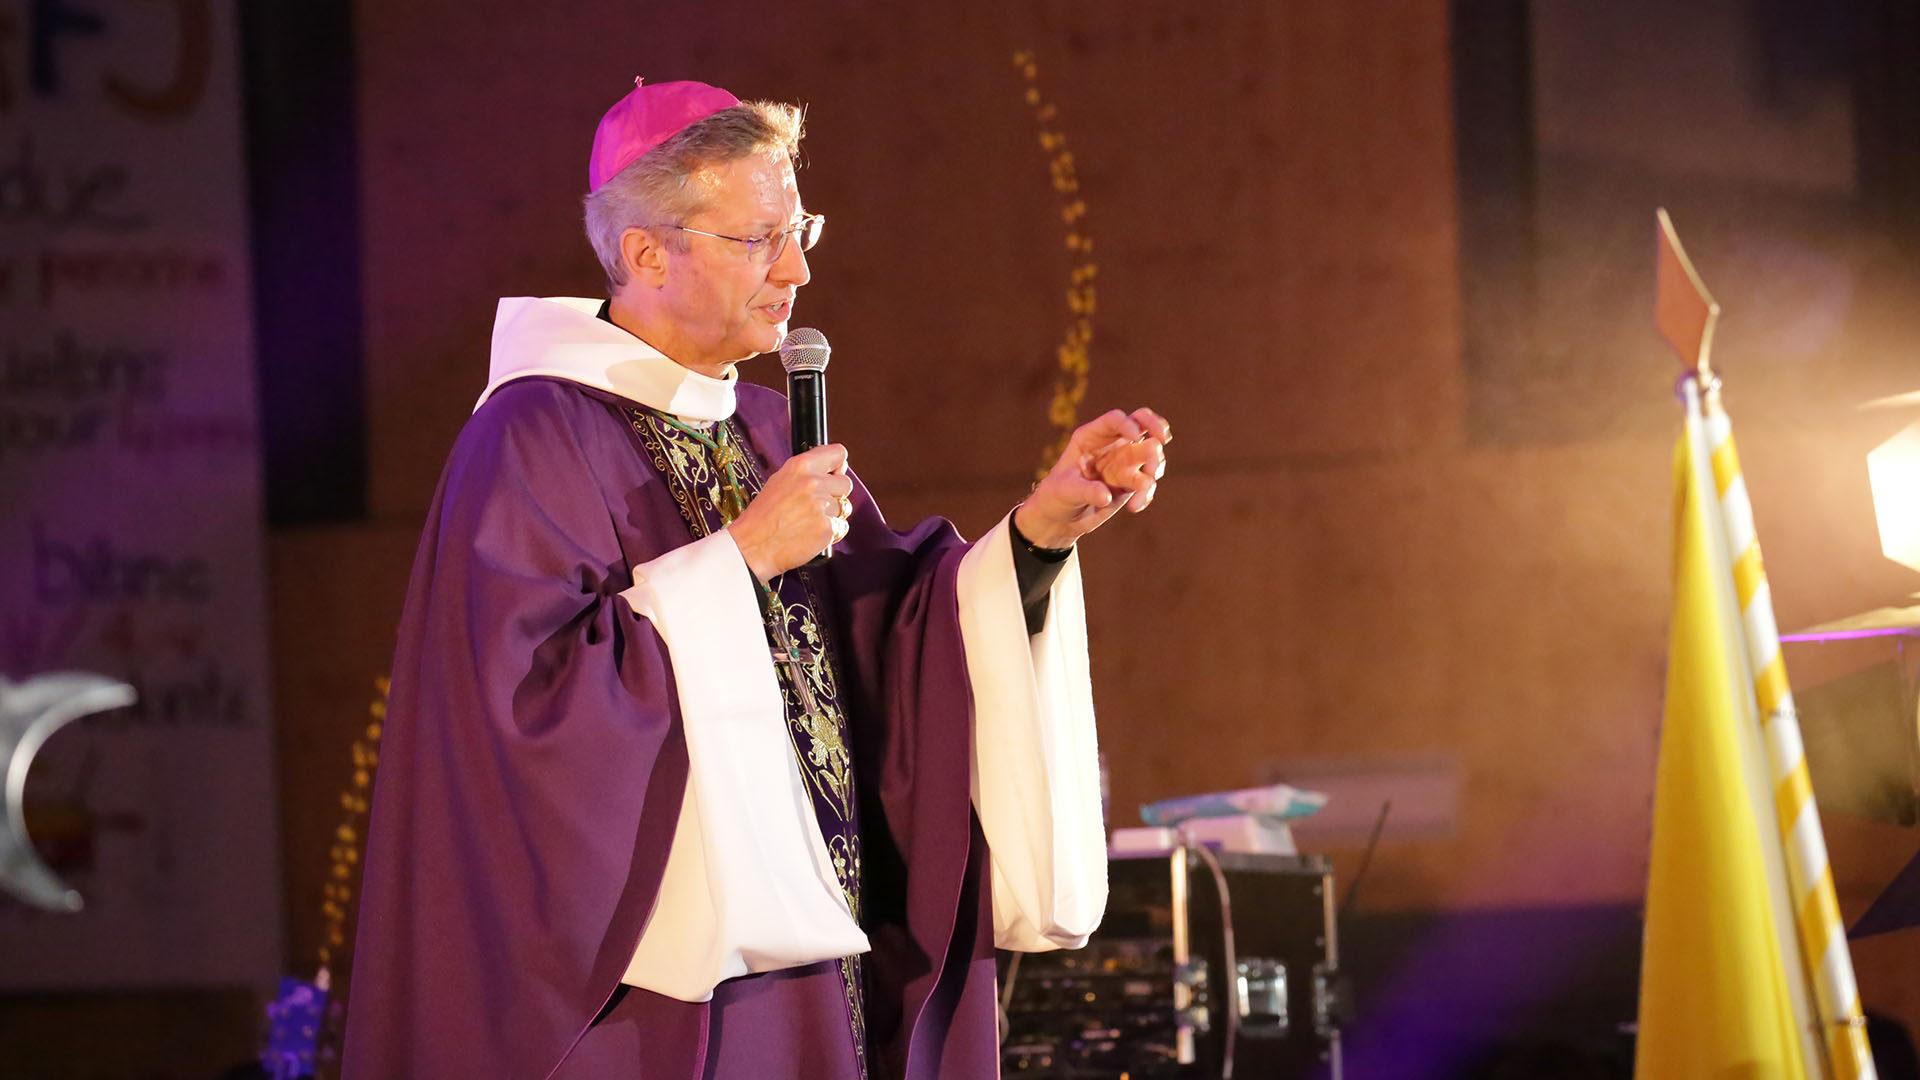 Grand-Messe d'OpenSky.Mgr Alain de Raemy évoque la parabole du Fils prodigue. | © B. Hallet